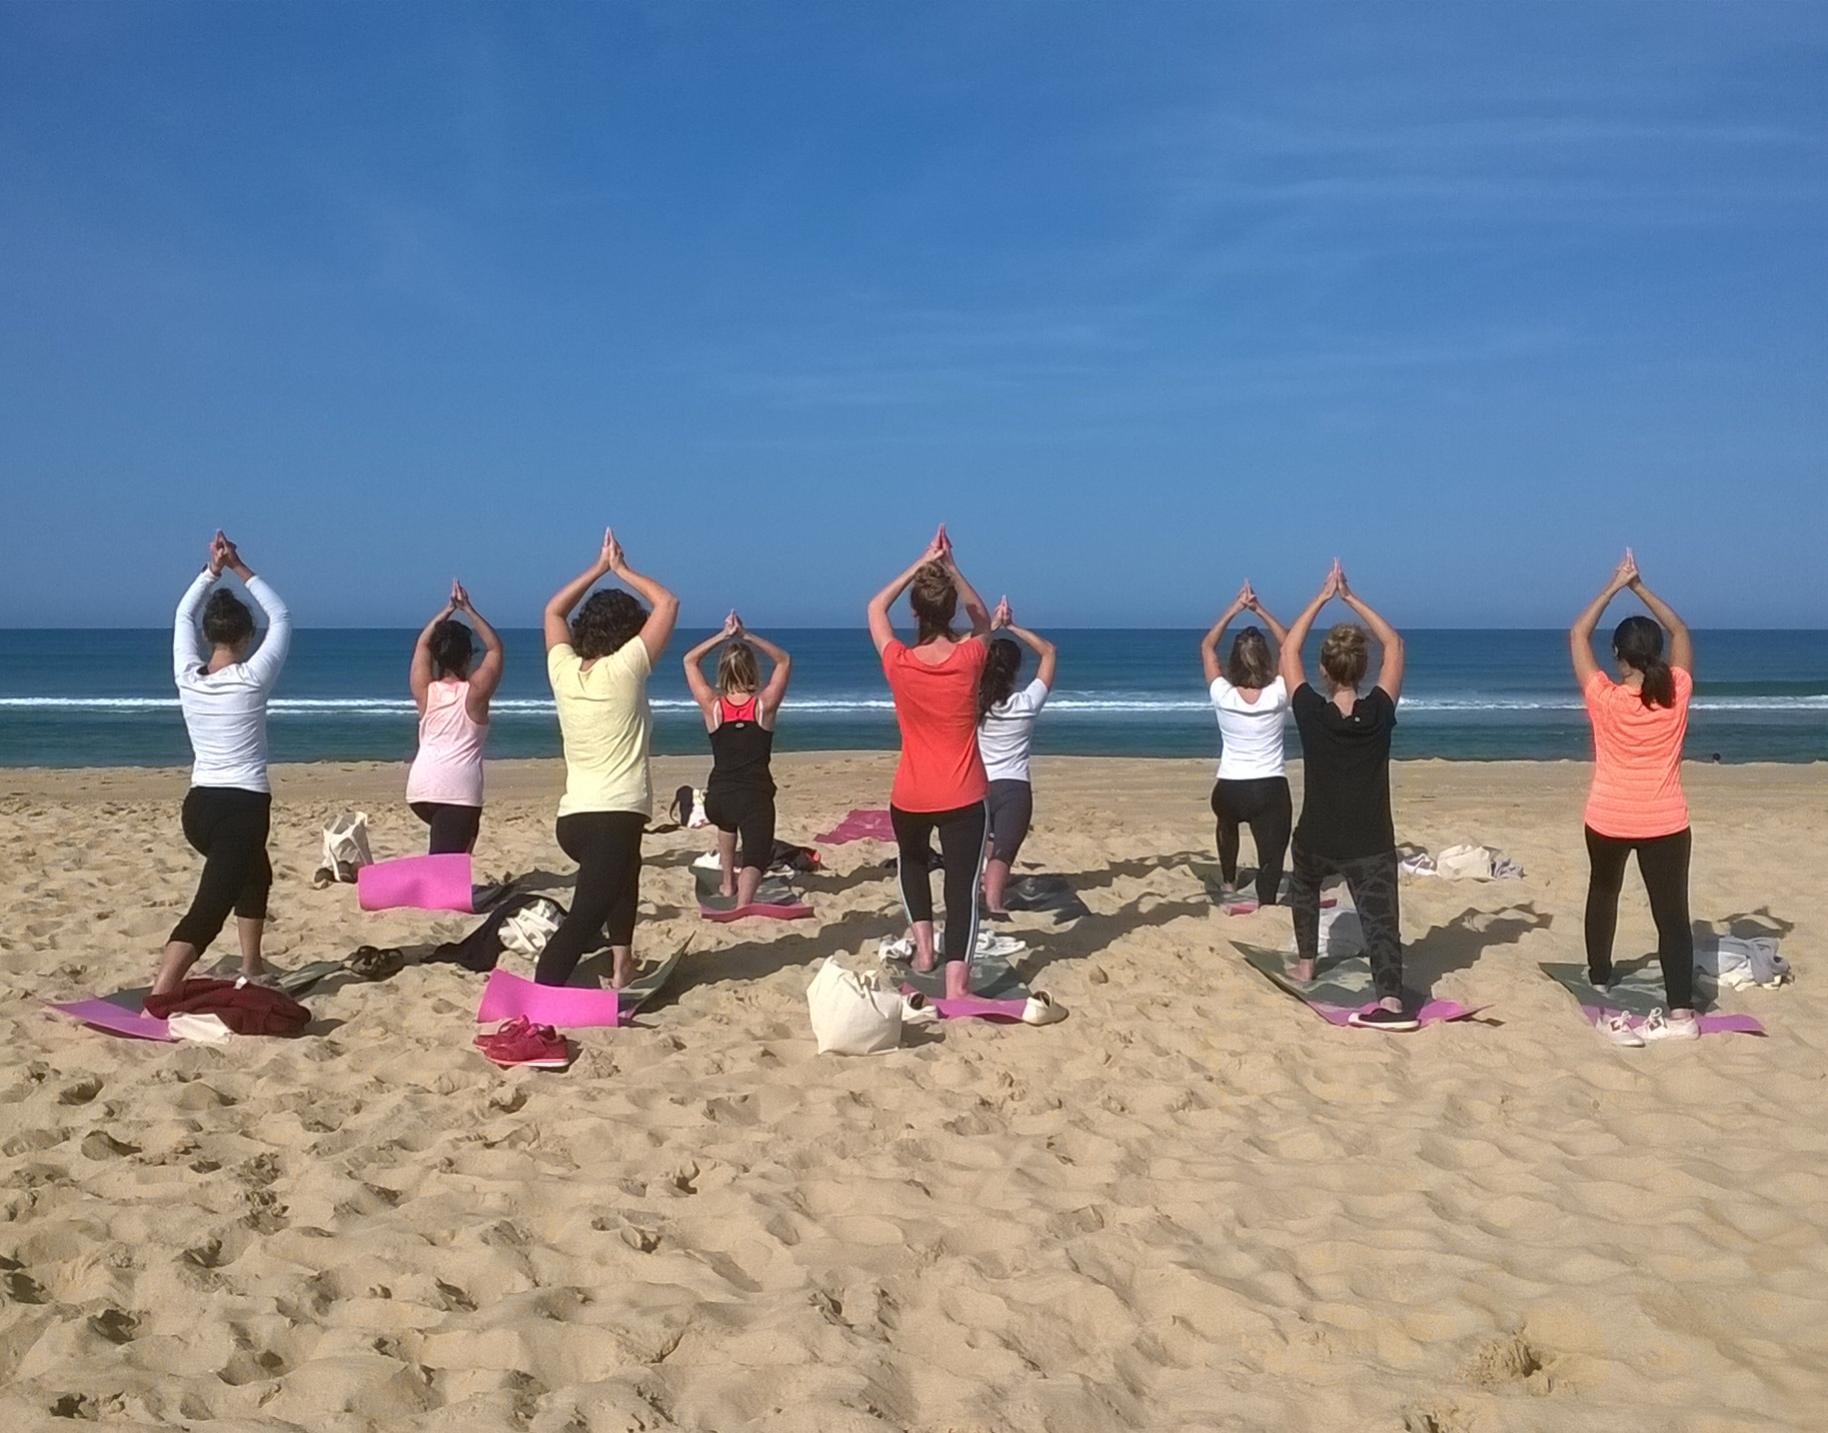 Séance de yoga sur la plage, côté Océan